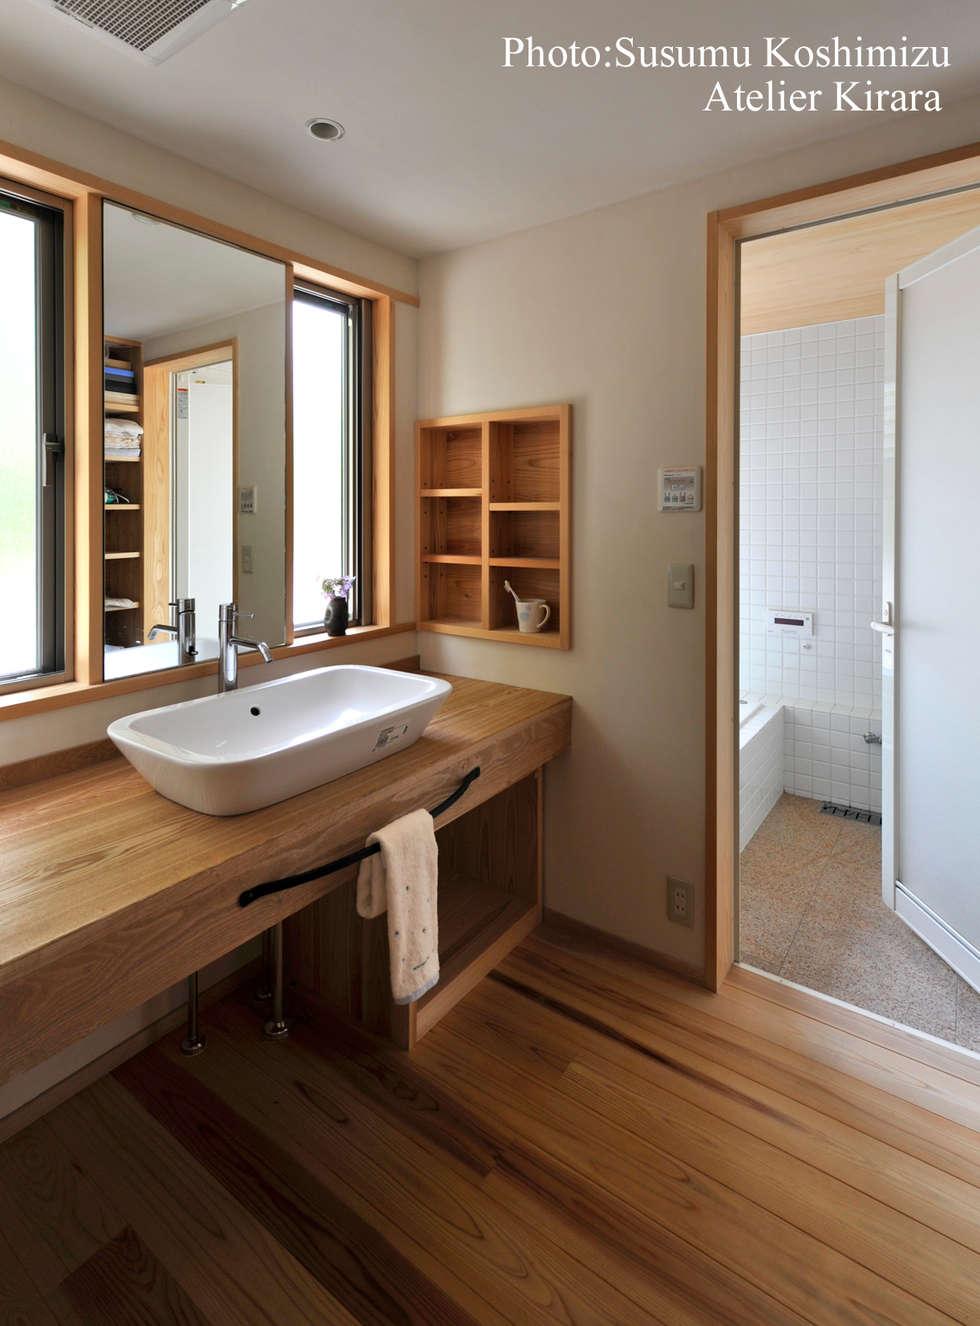 Baños de estilo moderno por アトリエきらら一級建築士事務所